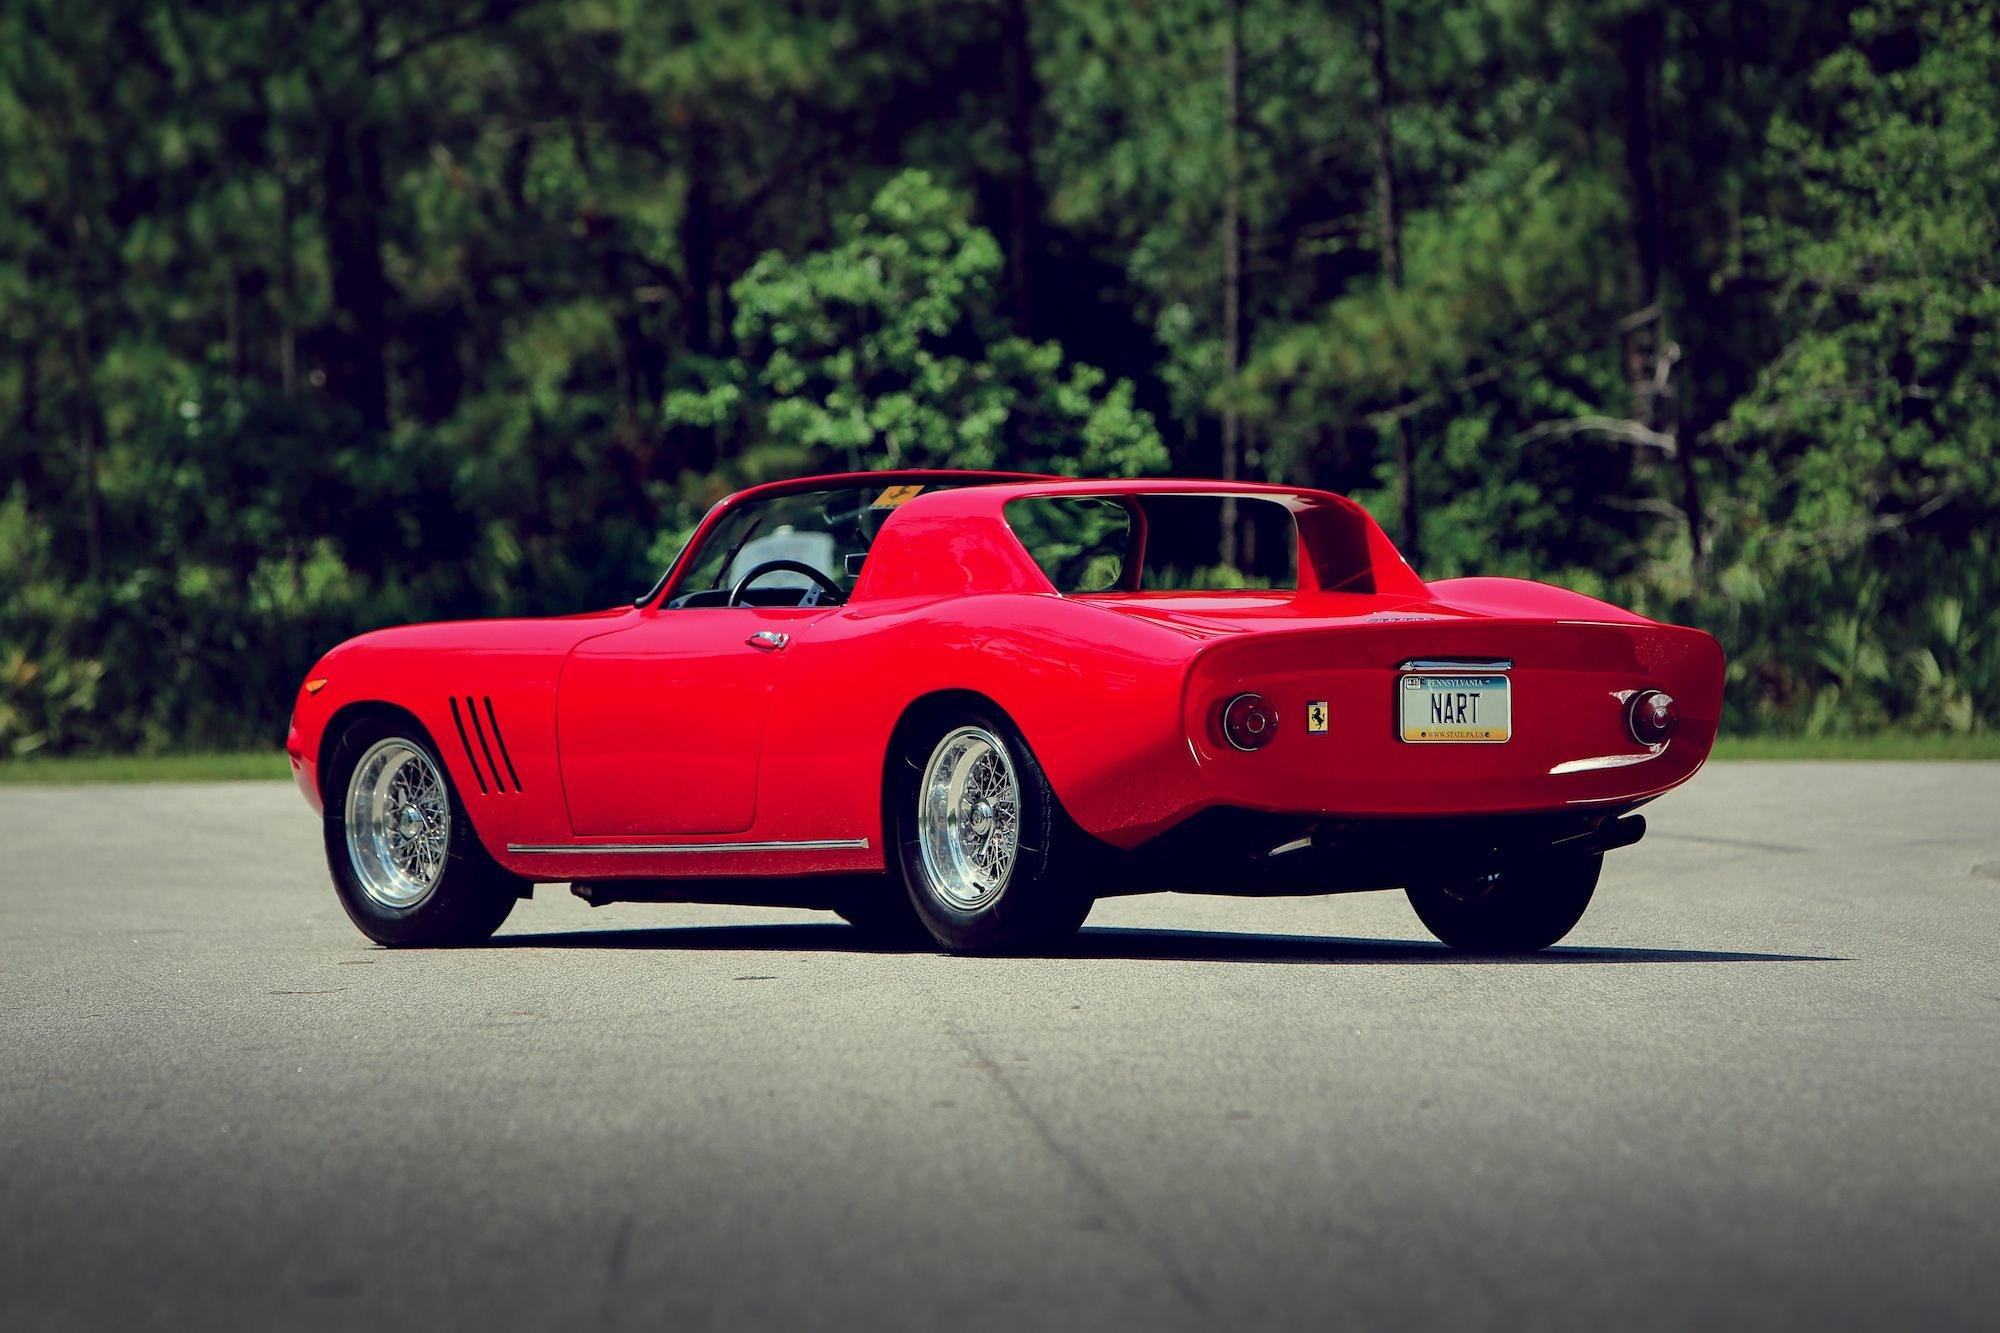 Ferrari 250 GT N.A.R.T. Spider by Fantuzzi 1